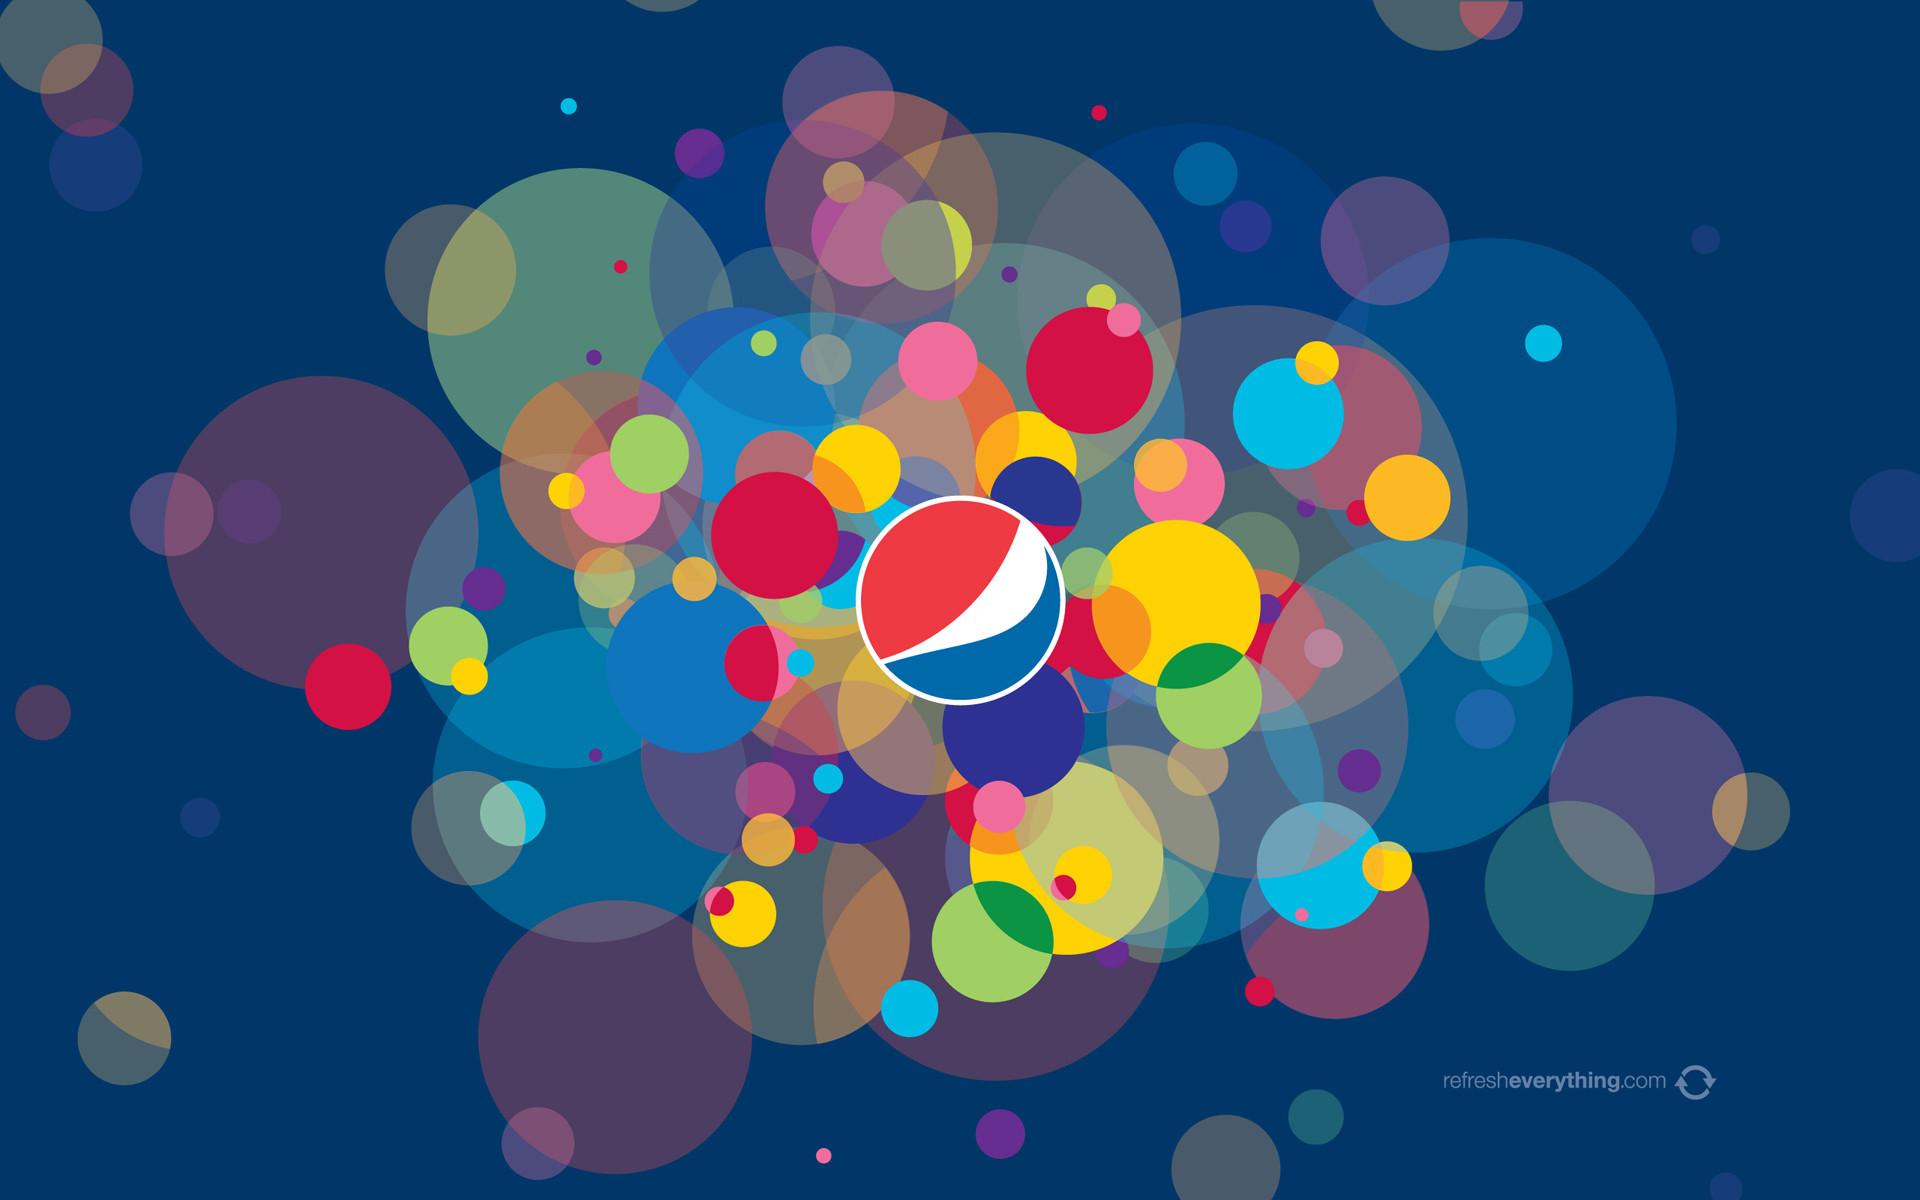 Pepsi wallpaper – 252179